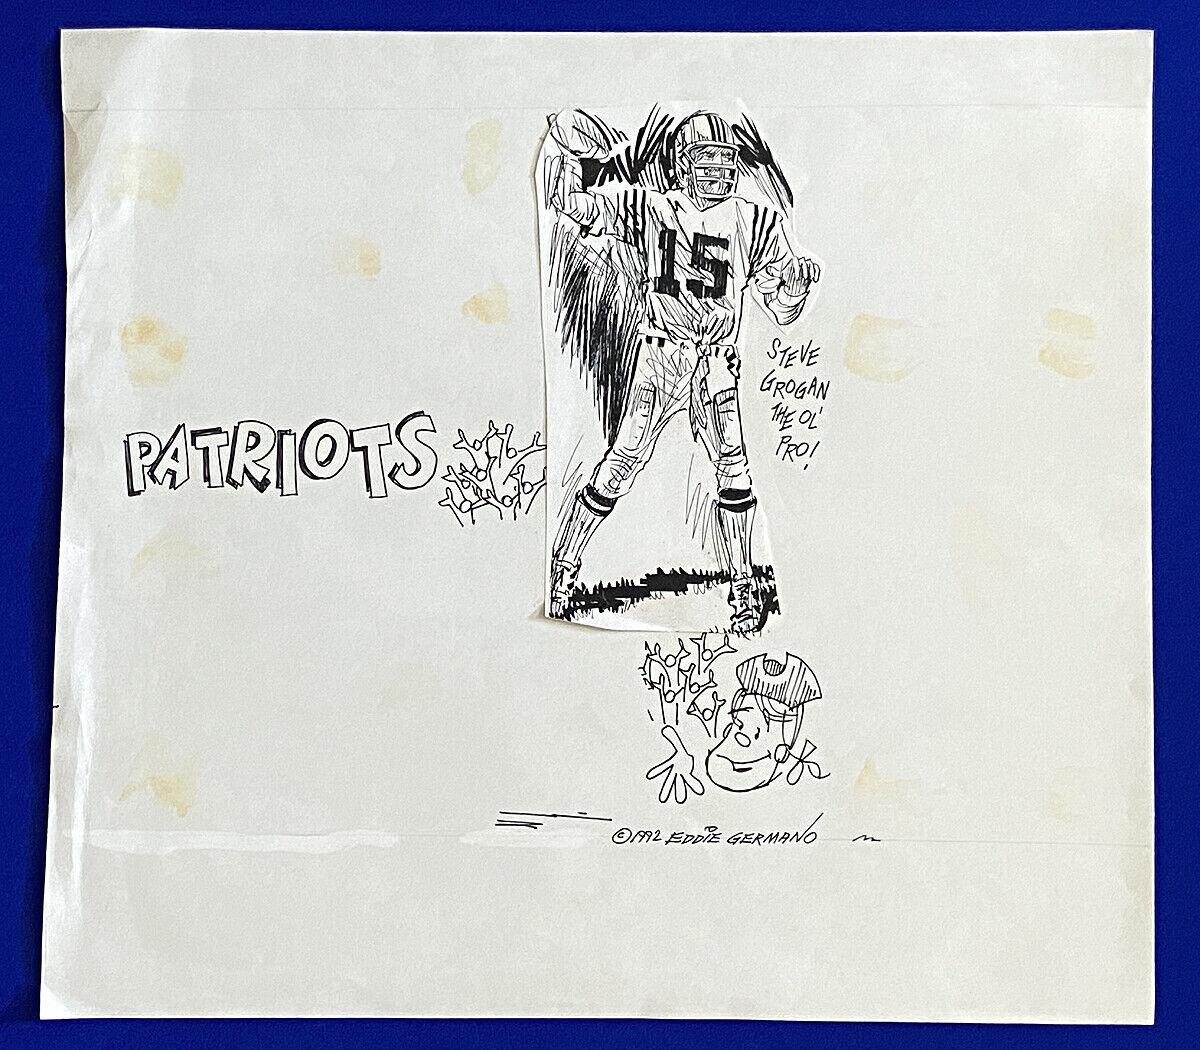 1980's patriots qb steve grogan 18x20 original cartoon art by eddie germano